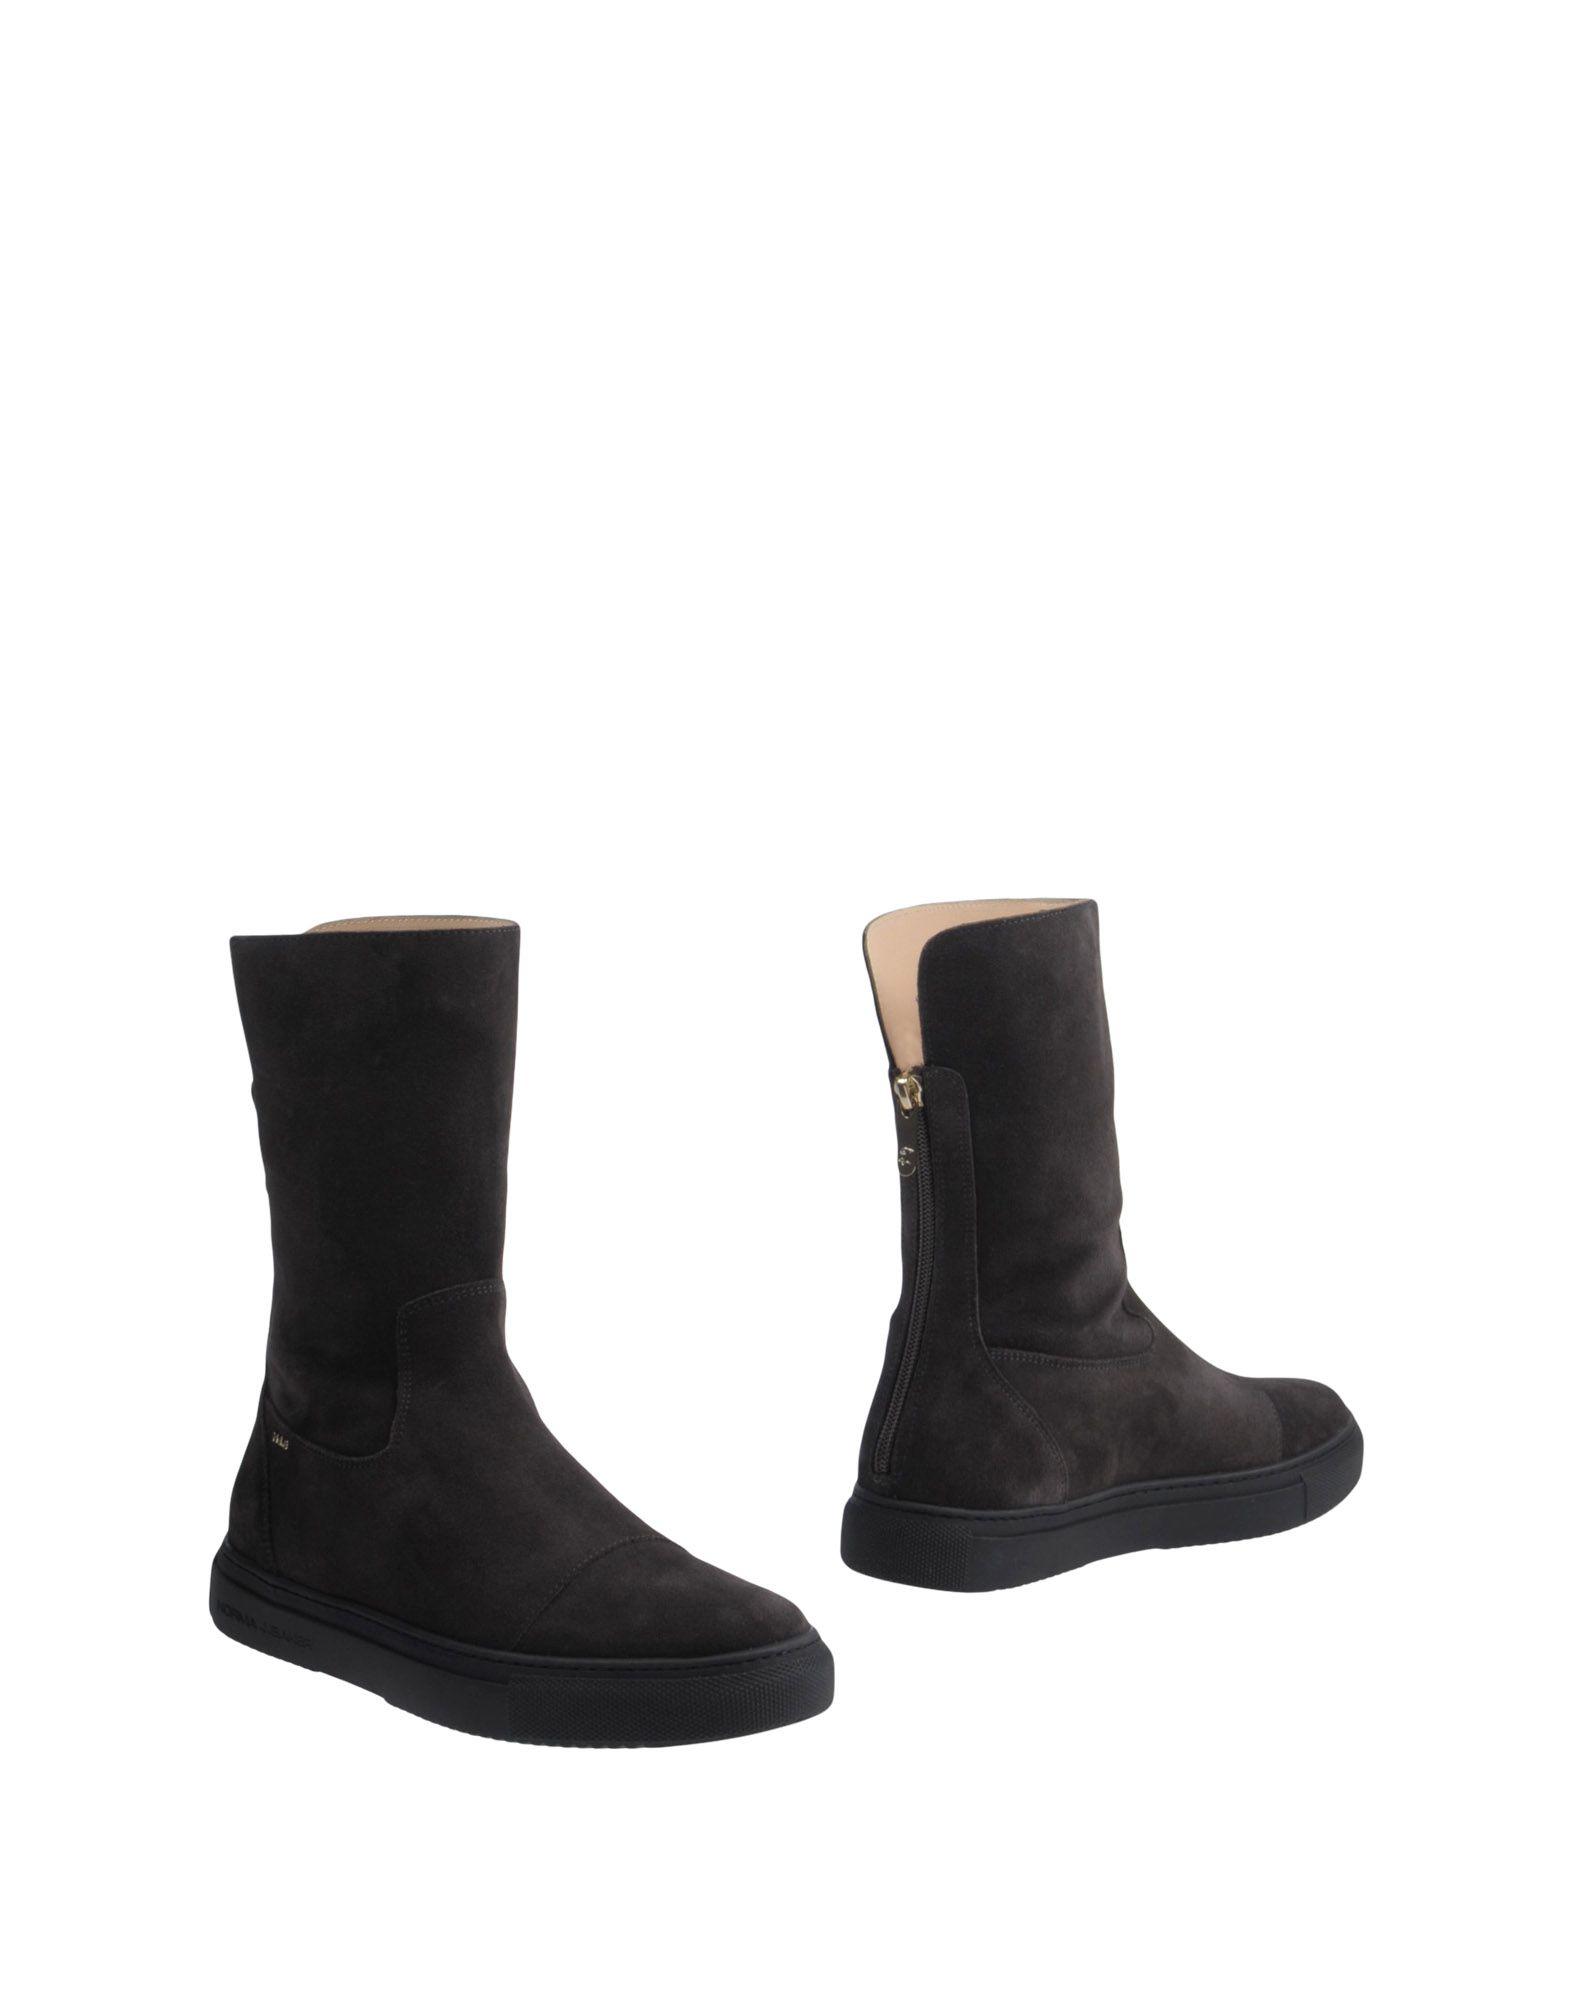 Norma J.Baker Ankle Boot - Women Norma J.Baker Ankle Australia Boots online on  Australia Ankle - 11447251HW dea9fe